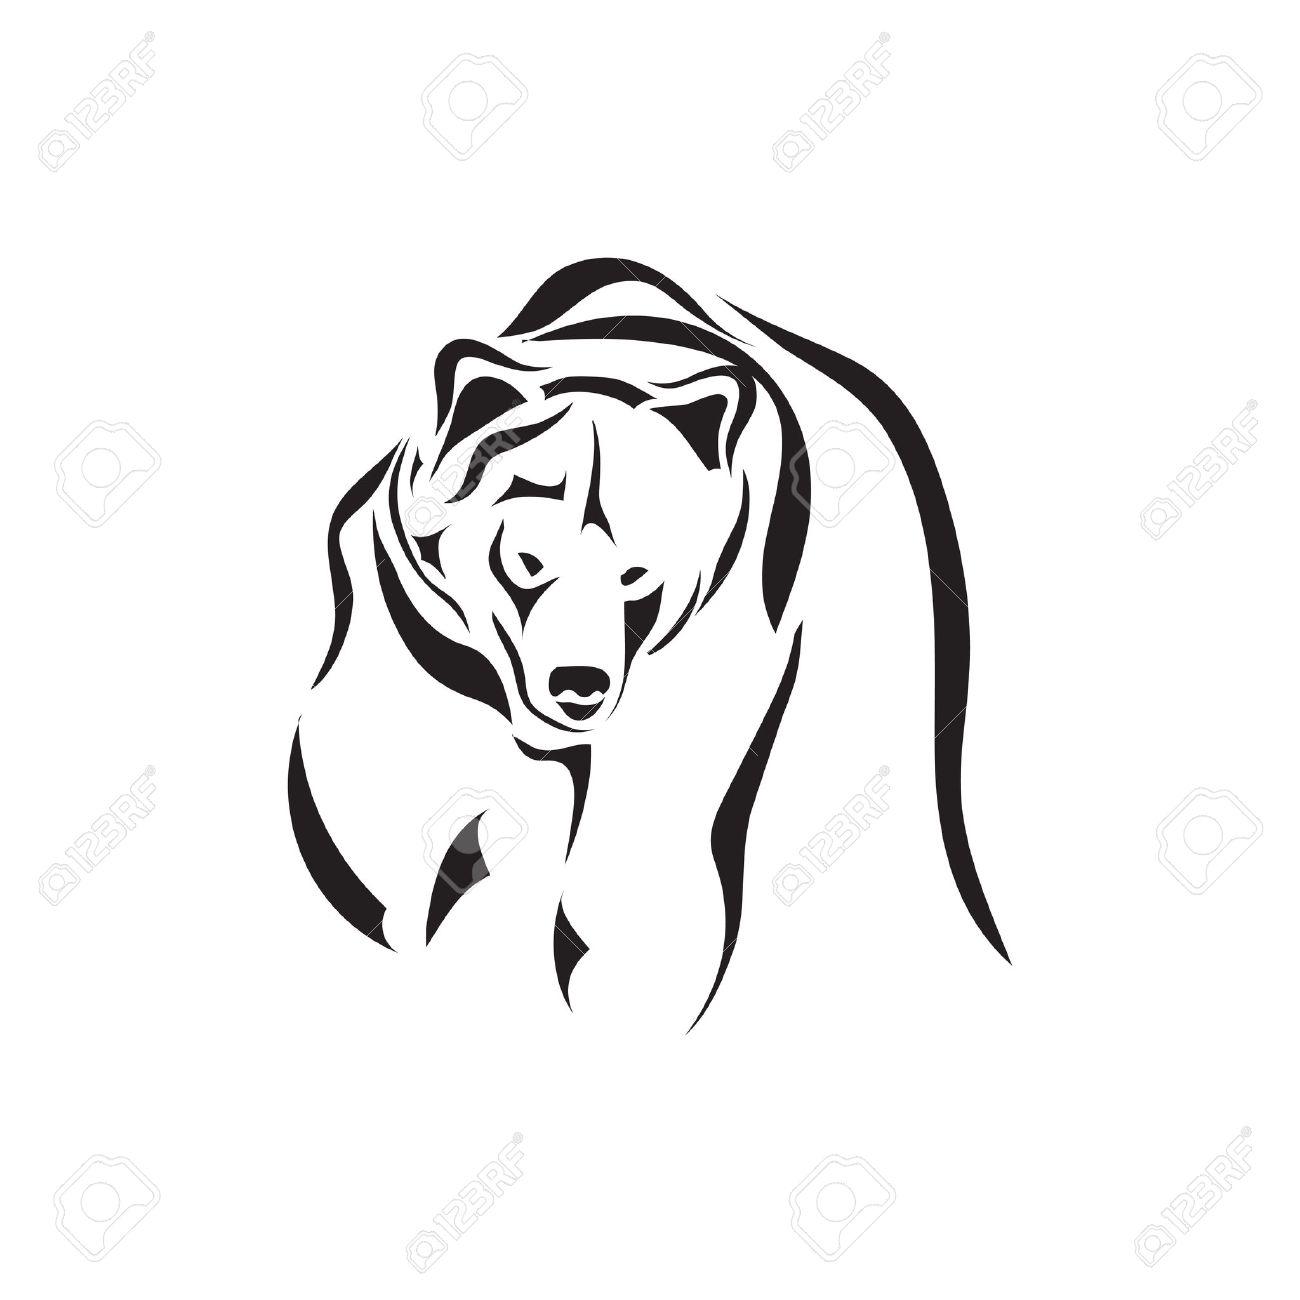 Медведь рисунок для тату